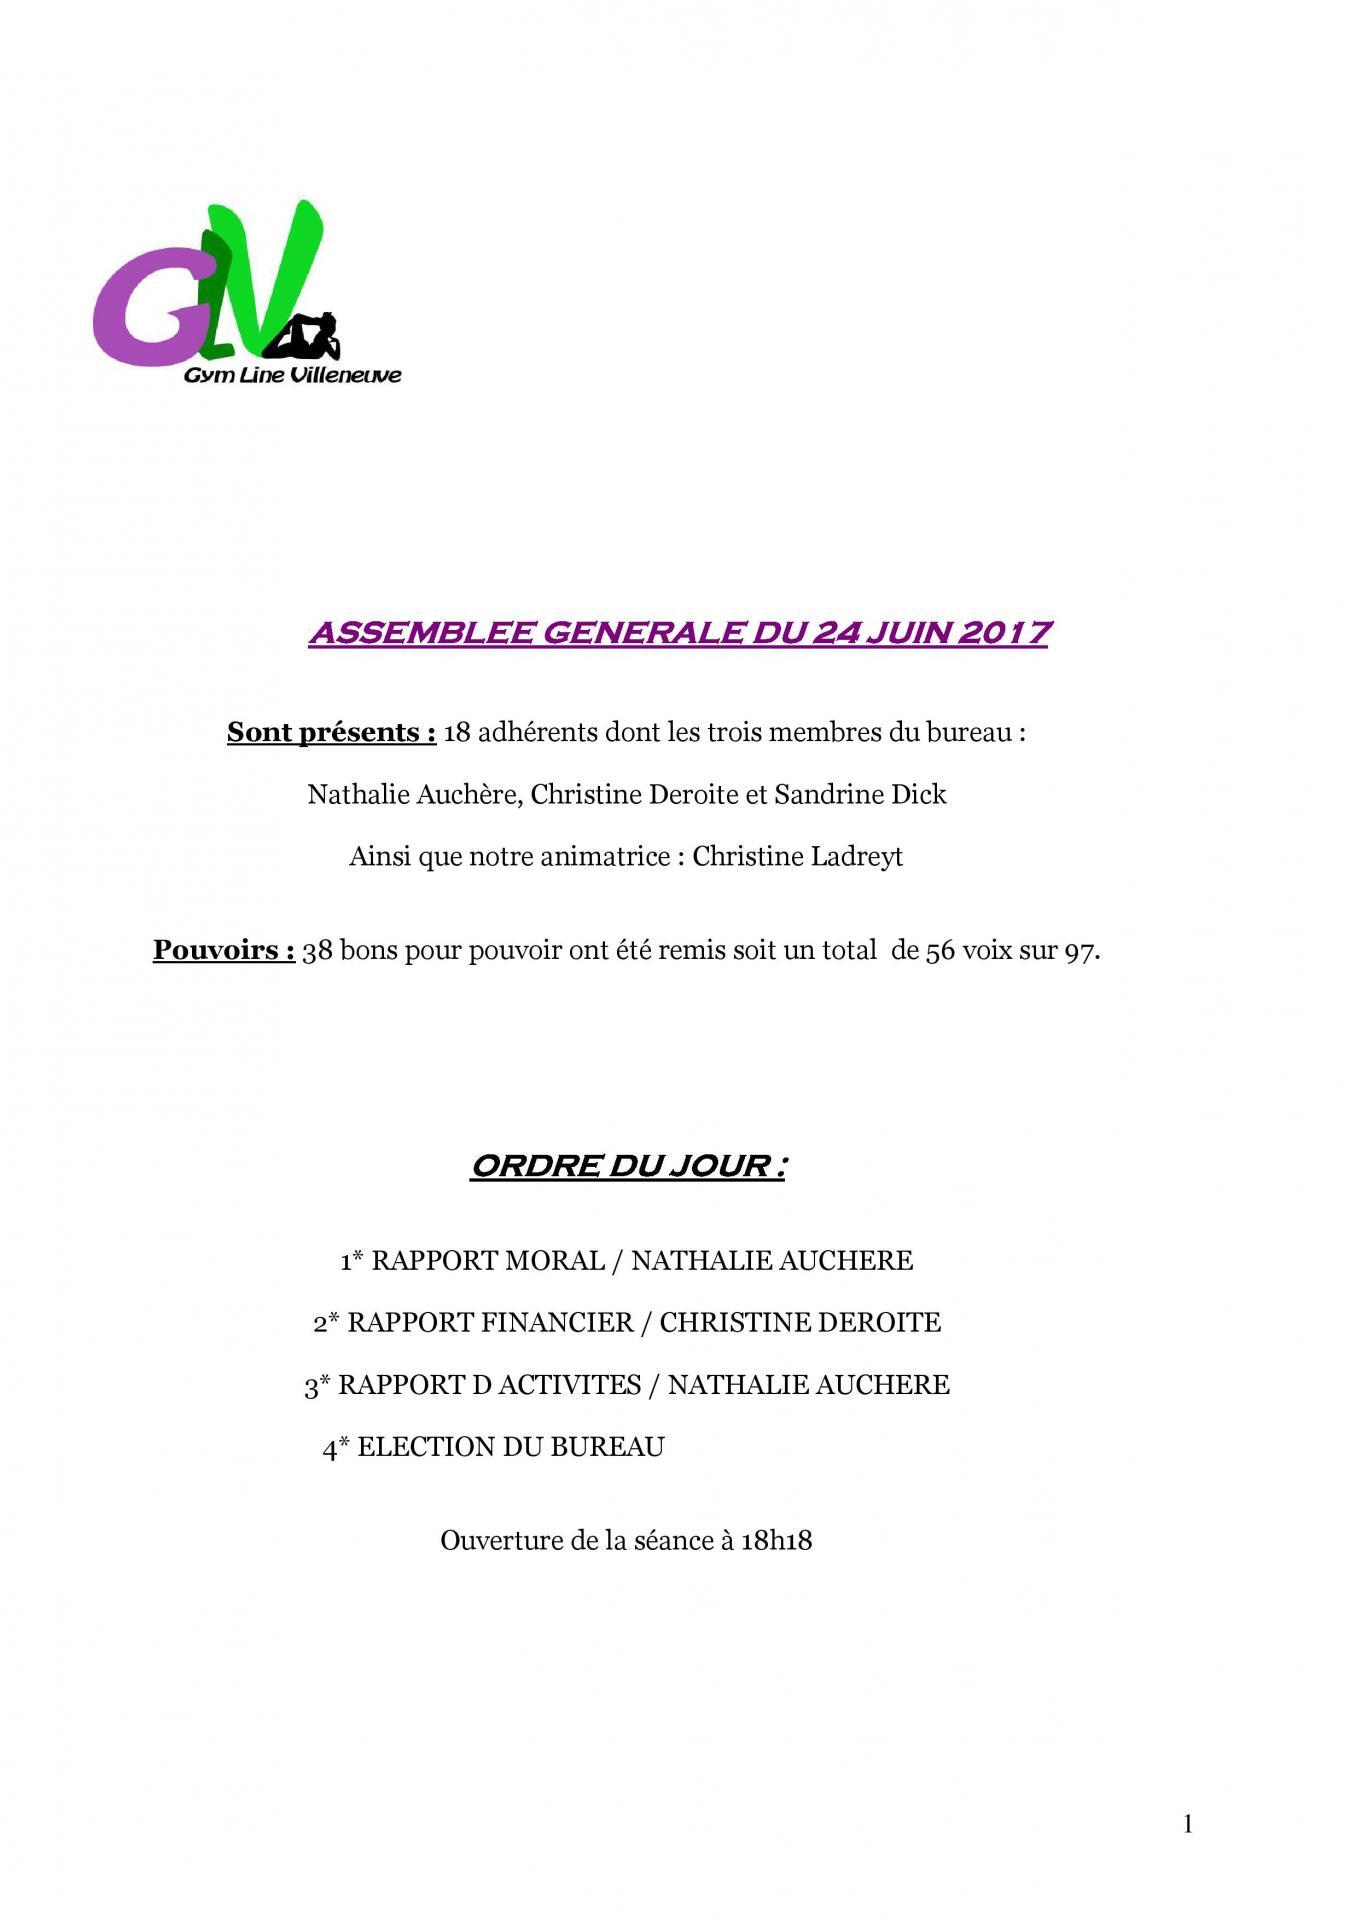 Pv assemblee generale du 24 juin 2017 page 001